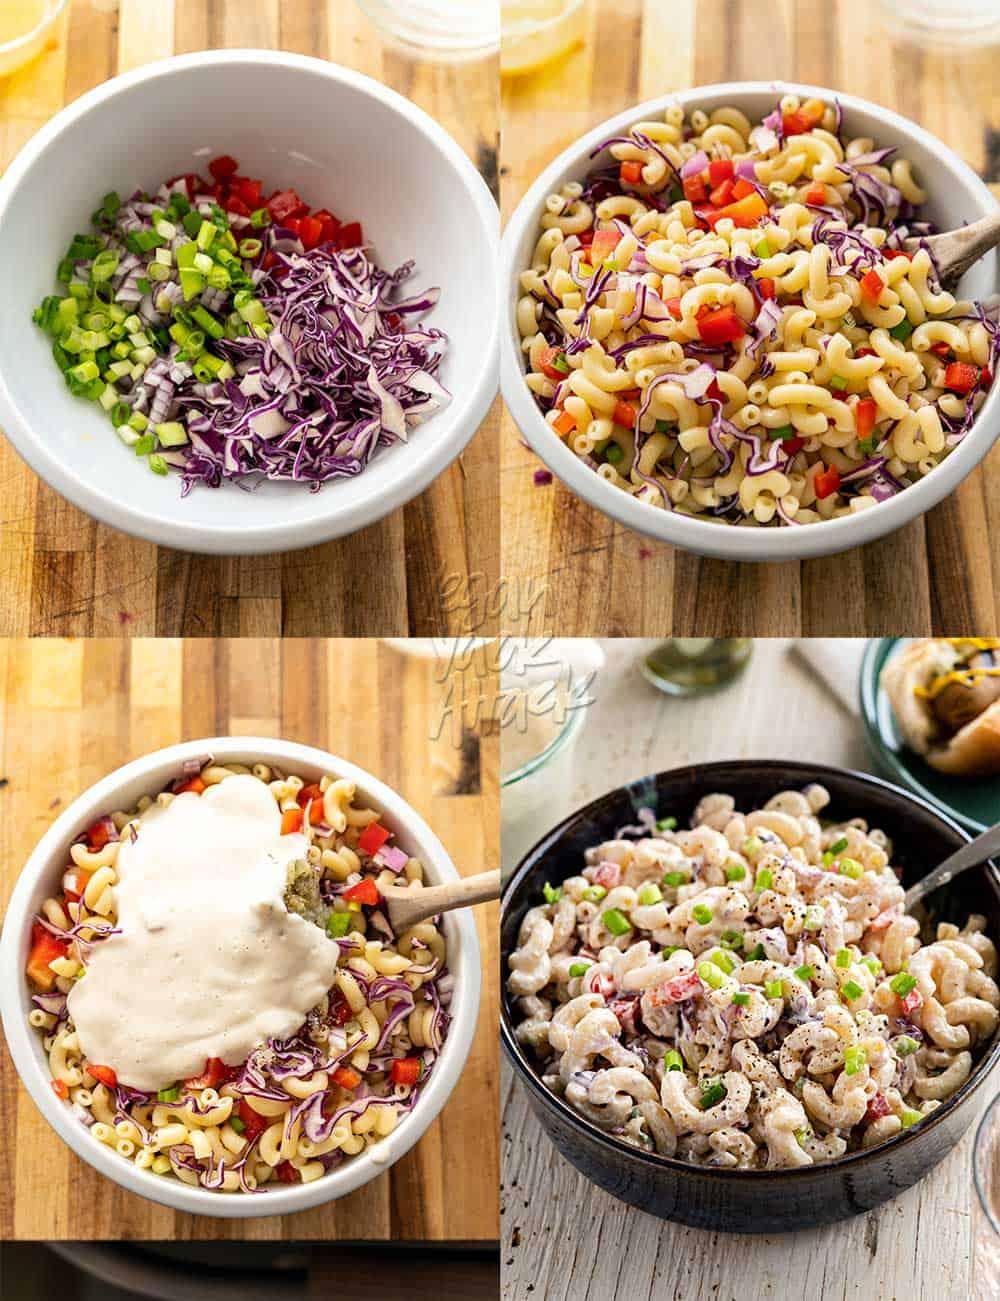 Image collage of assembling vegan macaroni salad in a bowl